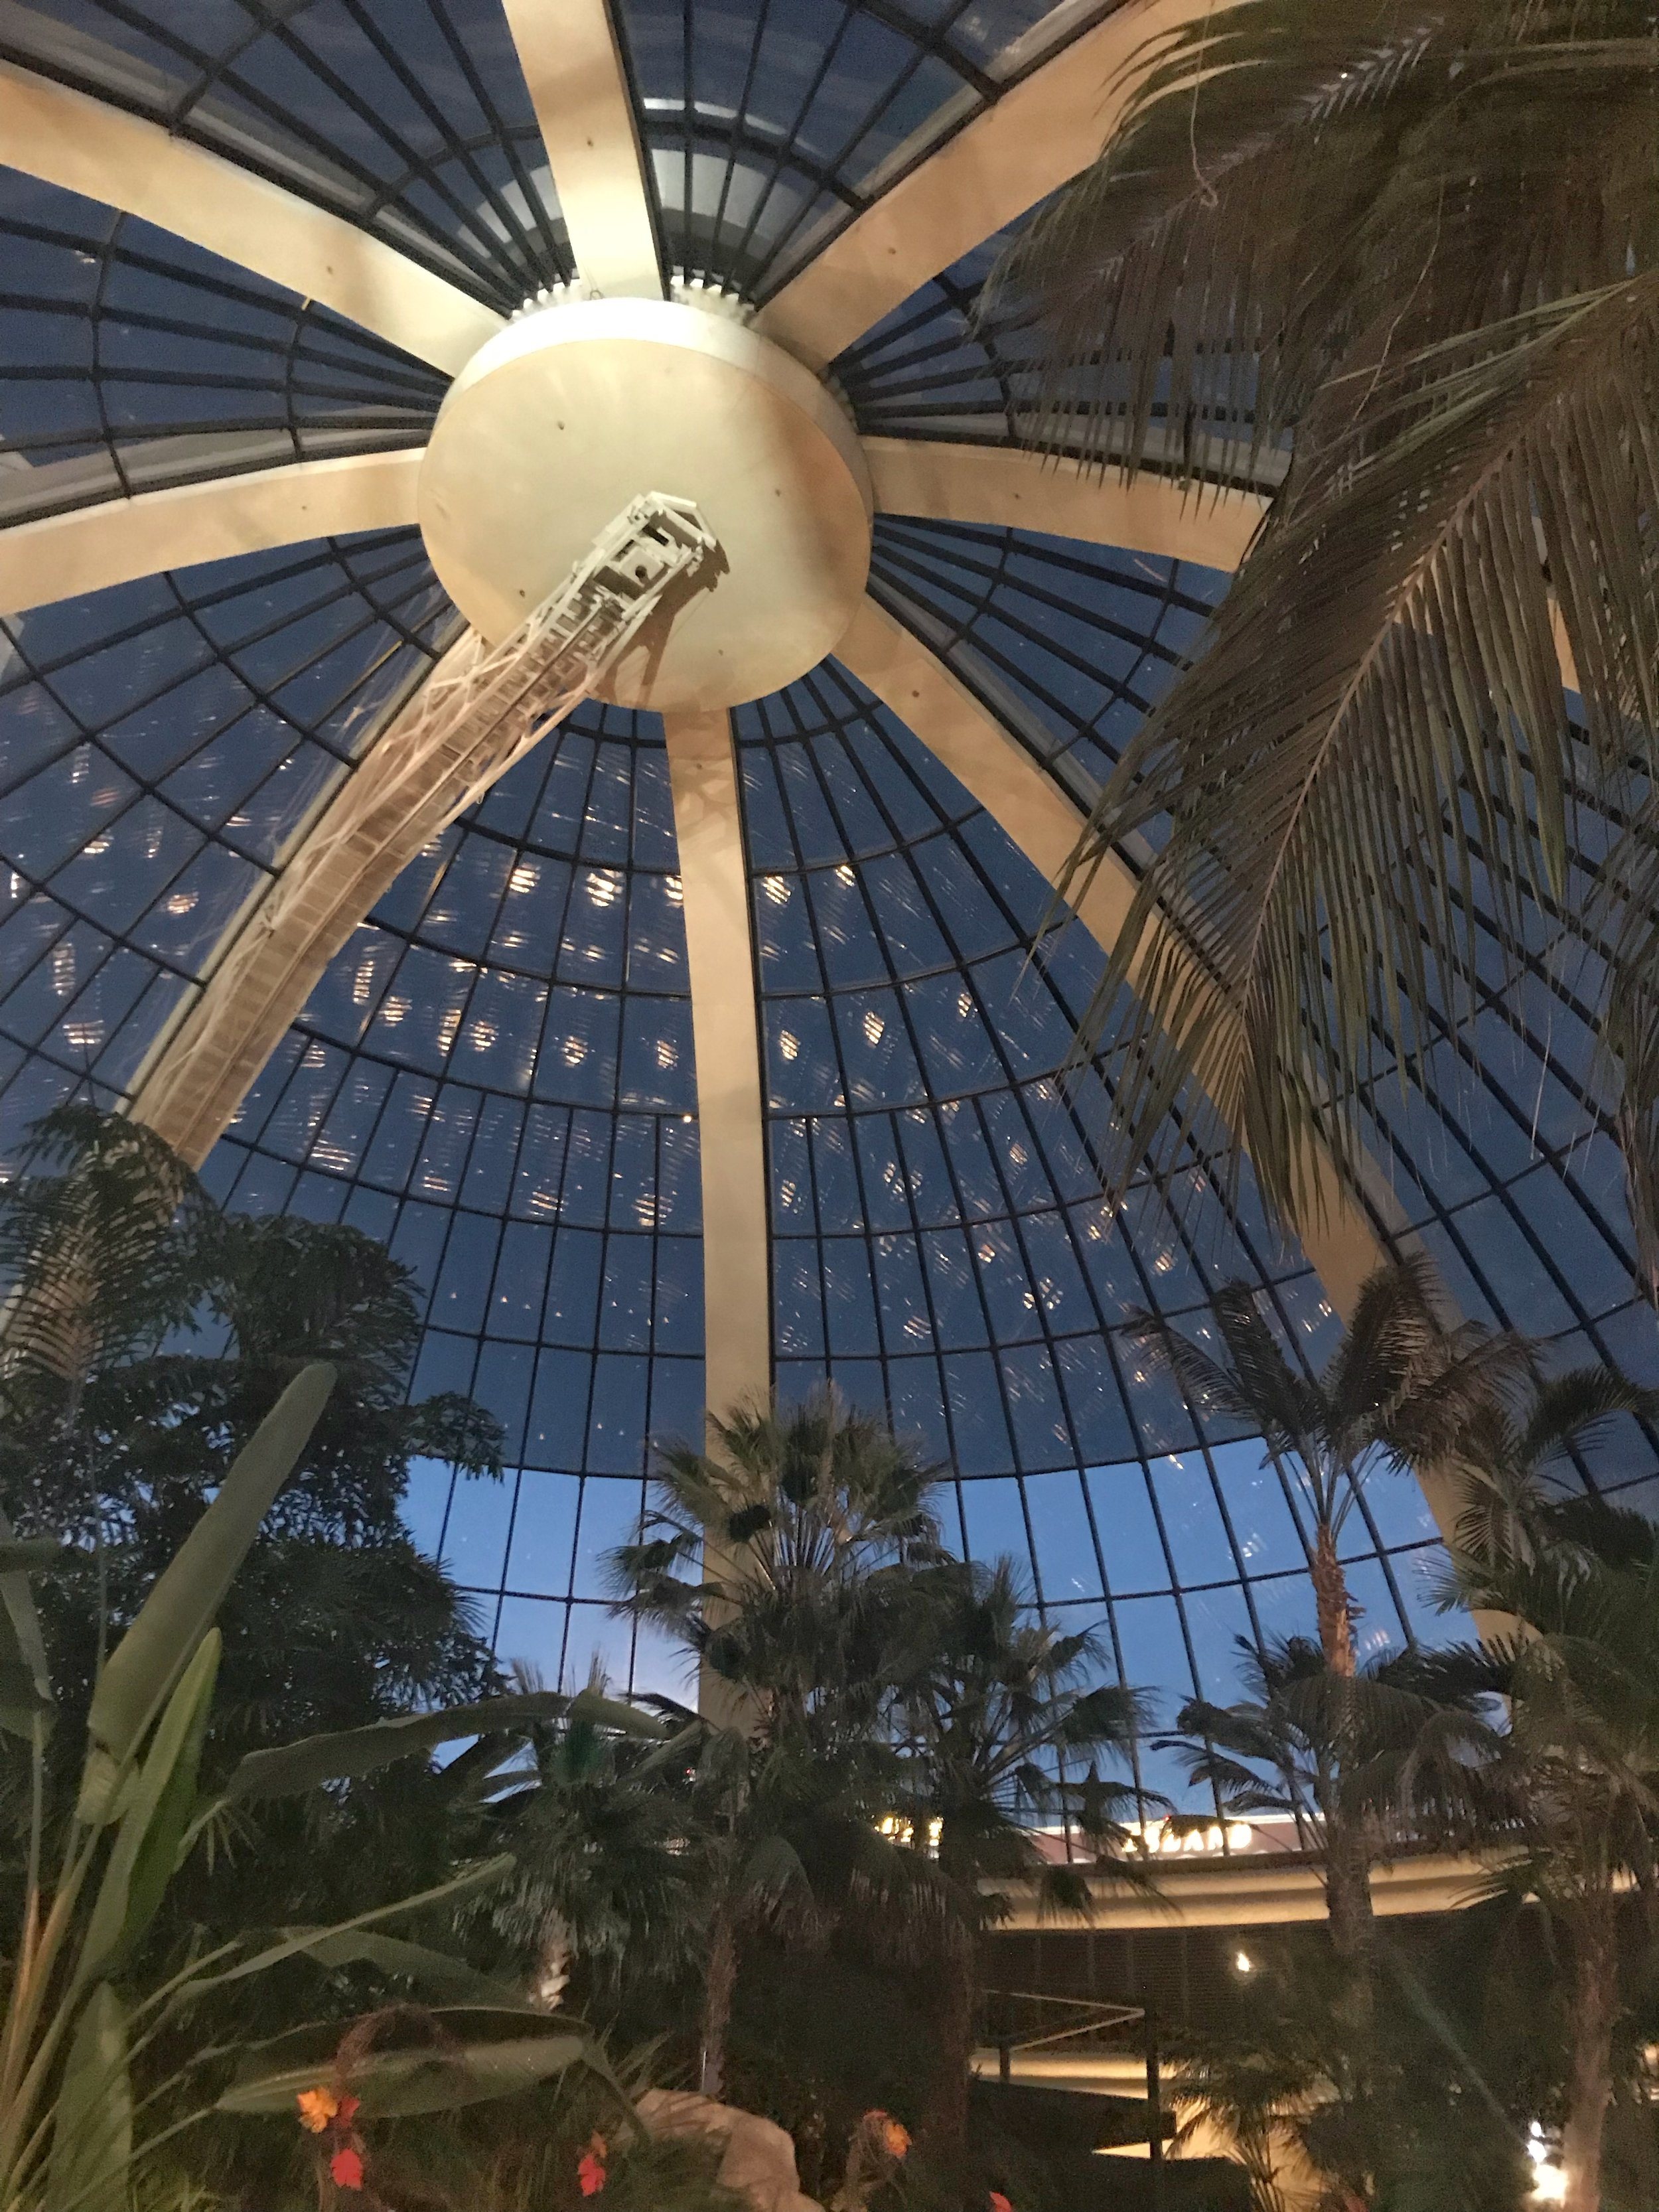 The Mirage Atrium